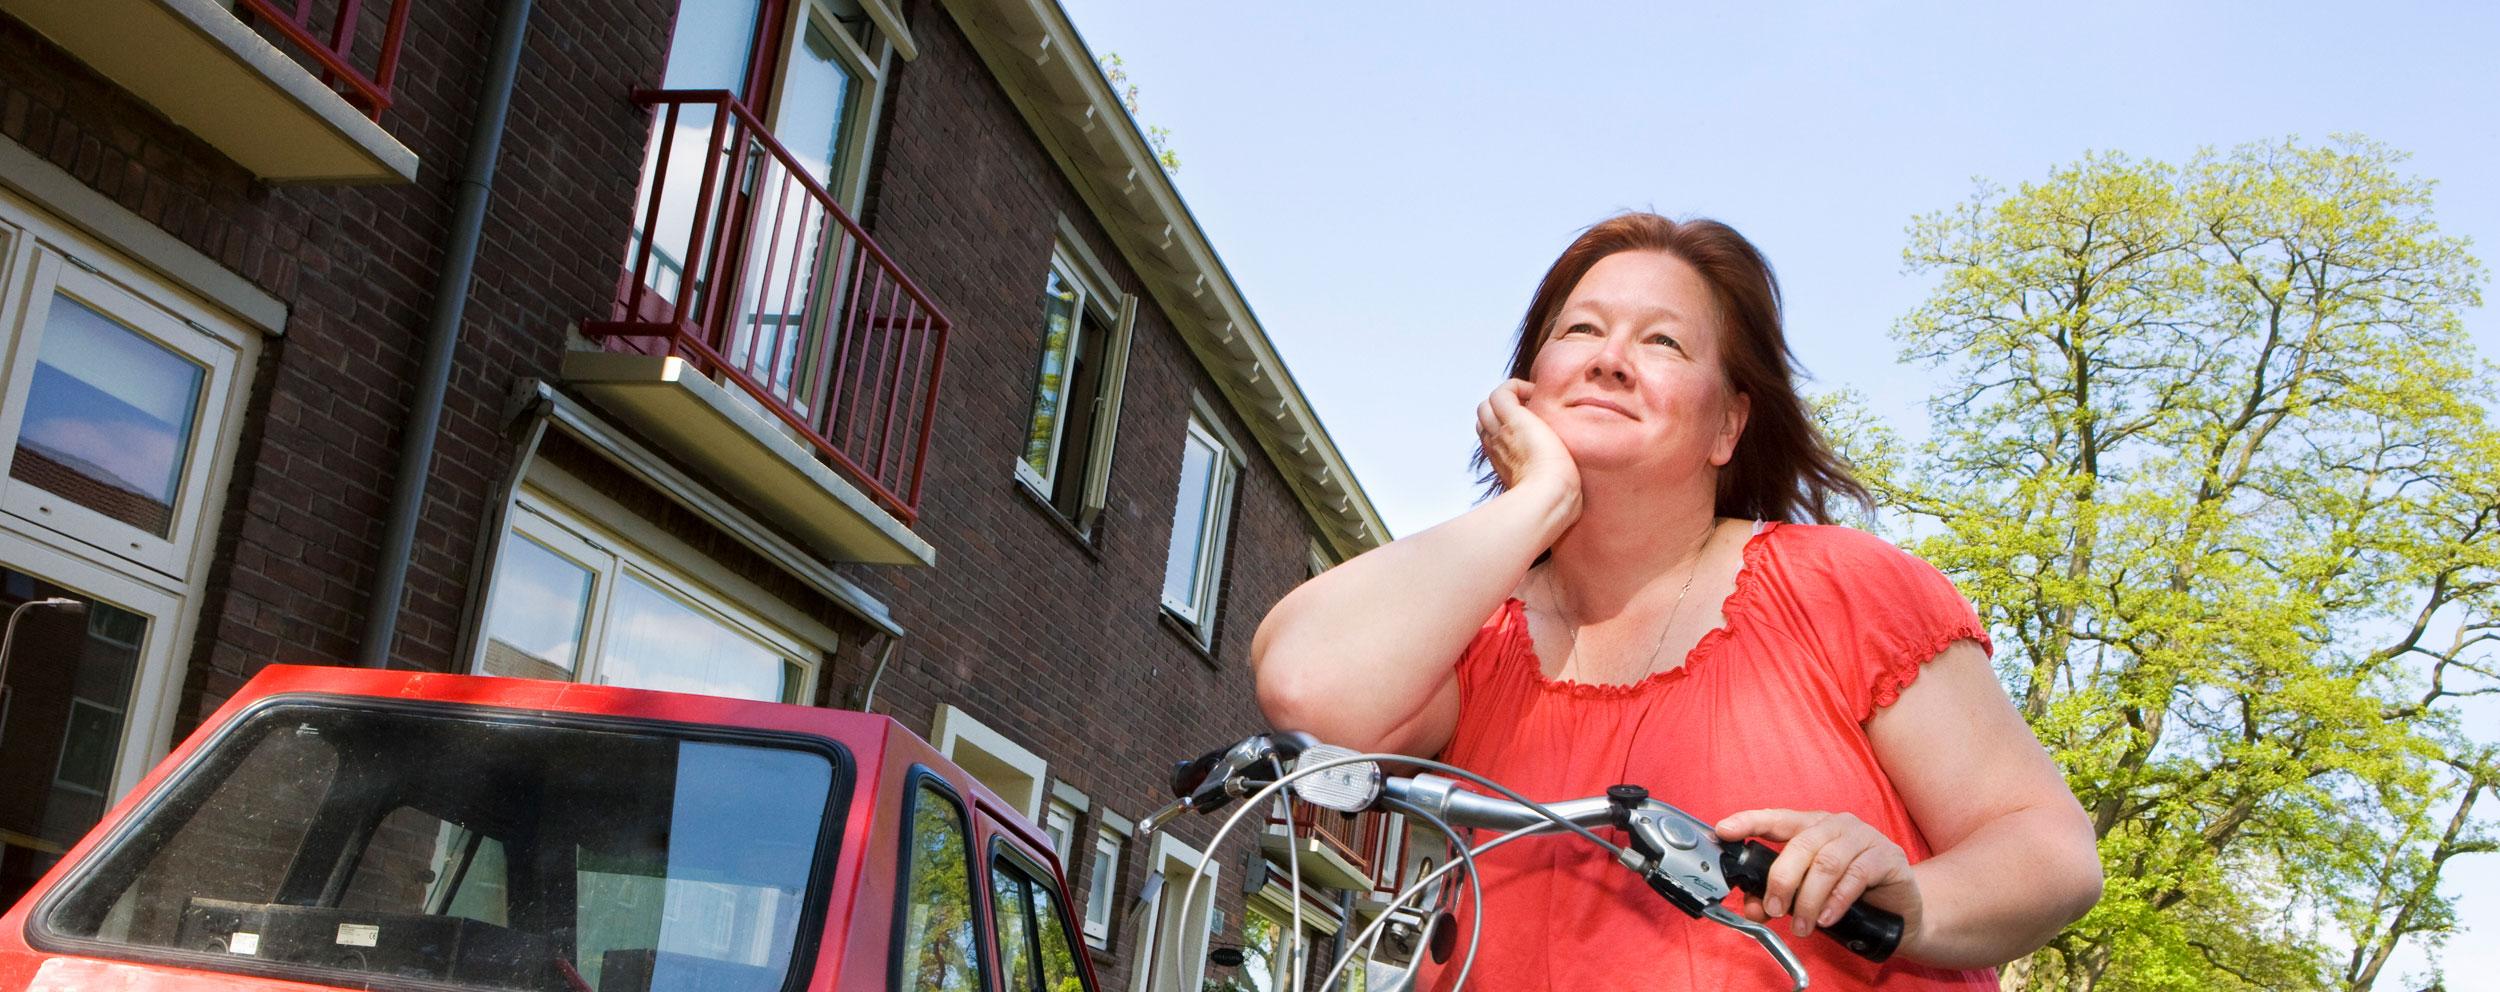 Vrouw op de fiets op straat